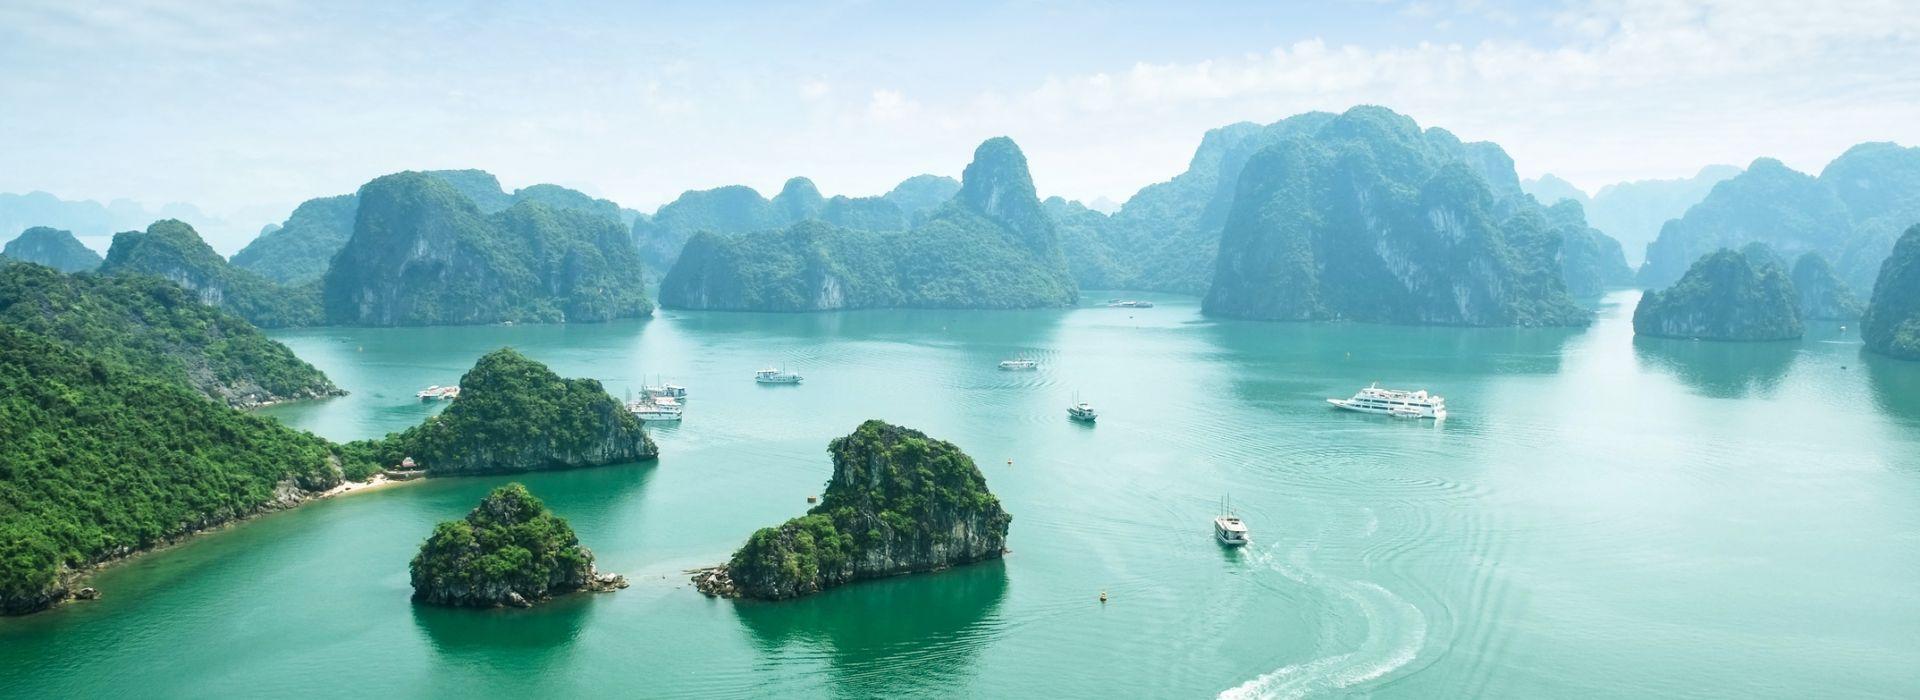 Beaches Tours in Hoi An